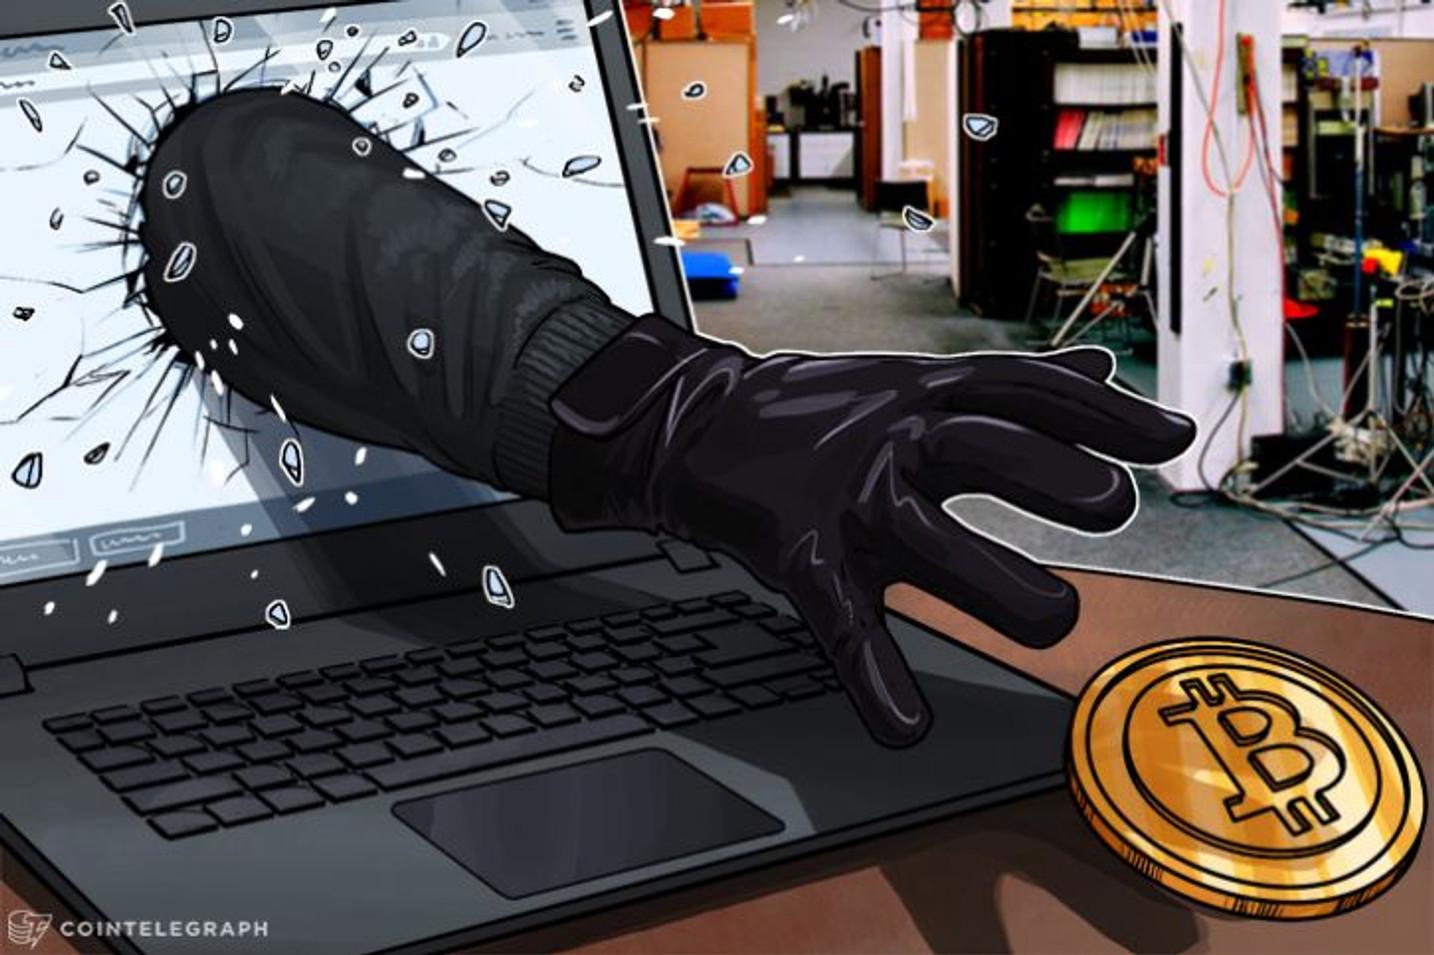 Ramsonware: Atacaron sistema informático de Gobierno de Quindío, en Colombia, y pidieron Bitcoins